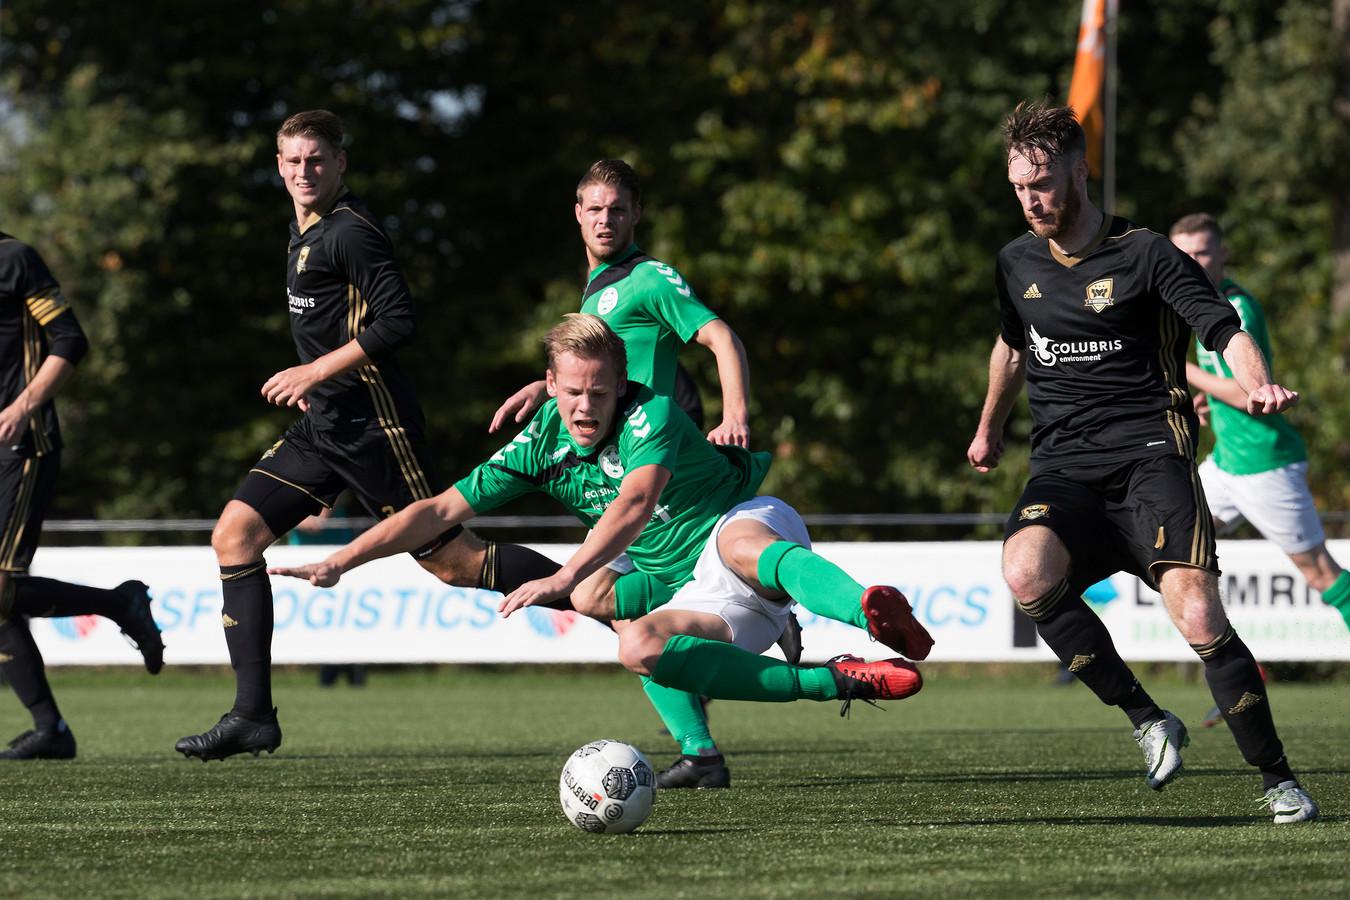 FC Winterswijk kwam in de beker nog niet tot een overwinning. Foto Jan van den Brink